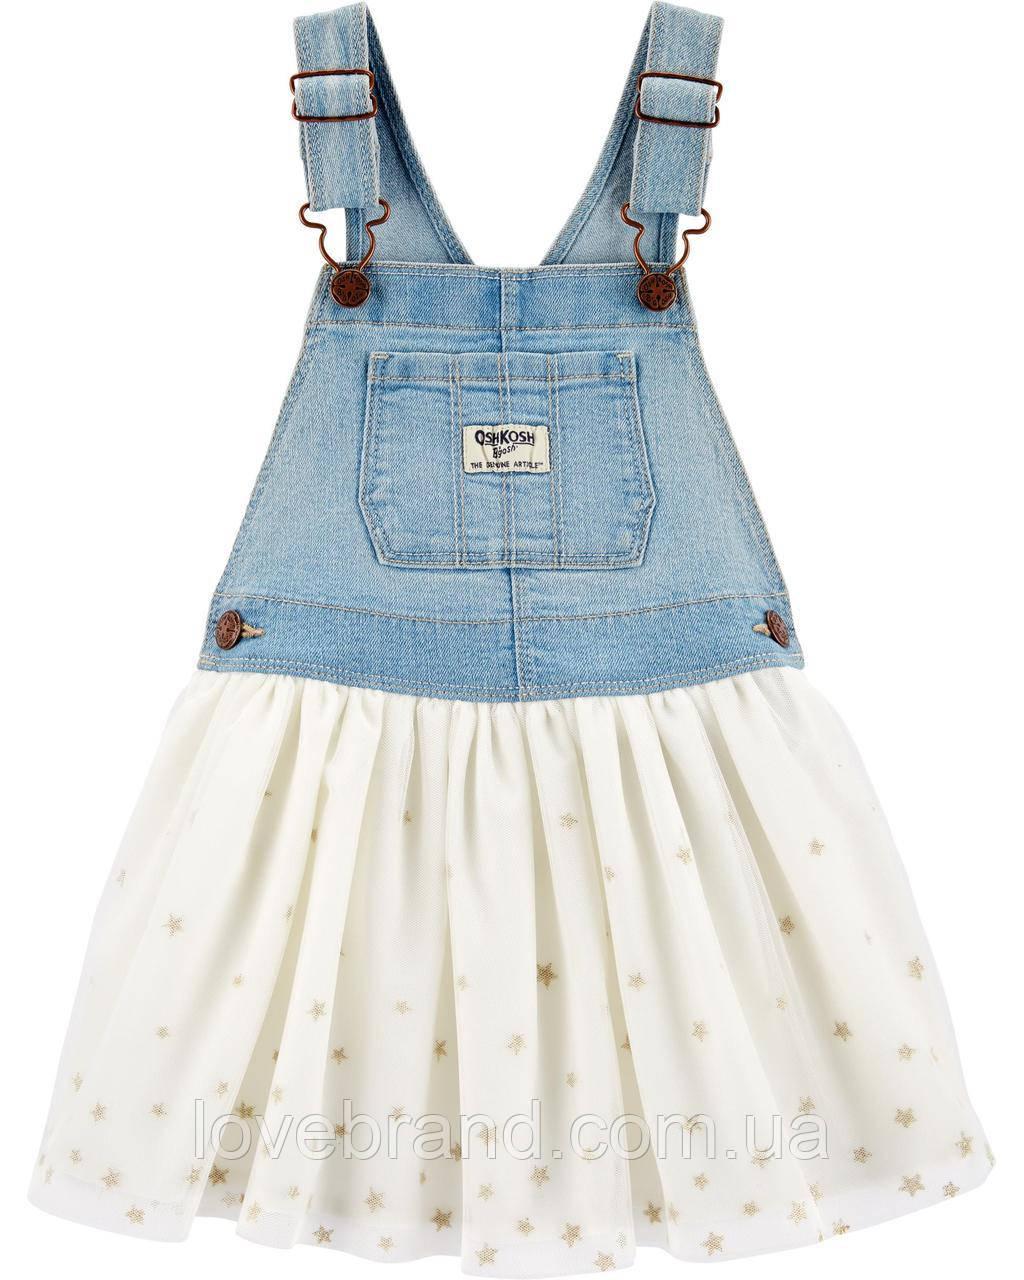 Джинсовый сарафанчик для девочки OshKosh белый с фатиновой юбочкой ошкош 5Т/105-112 см